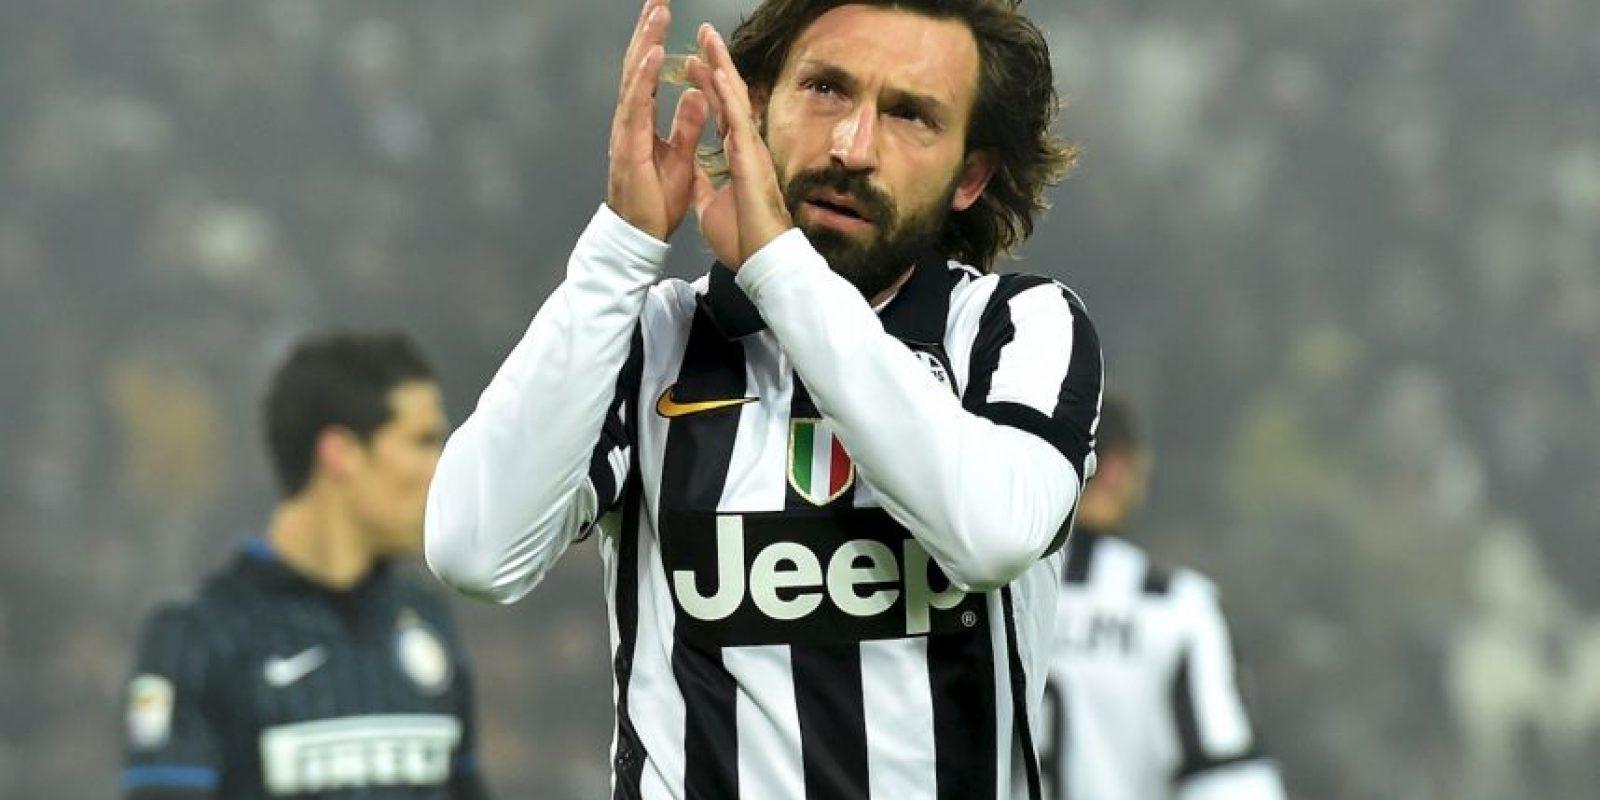 """Pirlo, en tanto, también está siendo """"seducido"""" por las tentadoras ofertas del fútbol árabe, según medios italianos. Foto:Getty Images"""